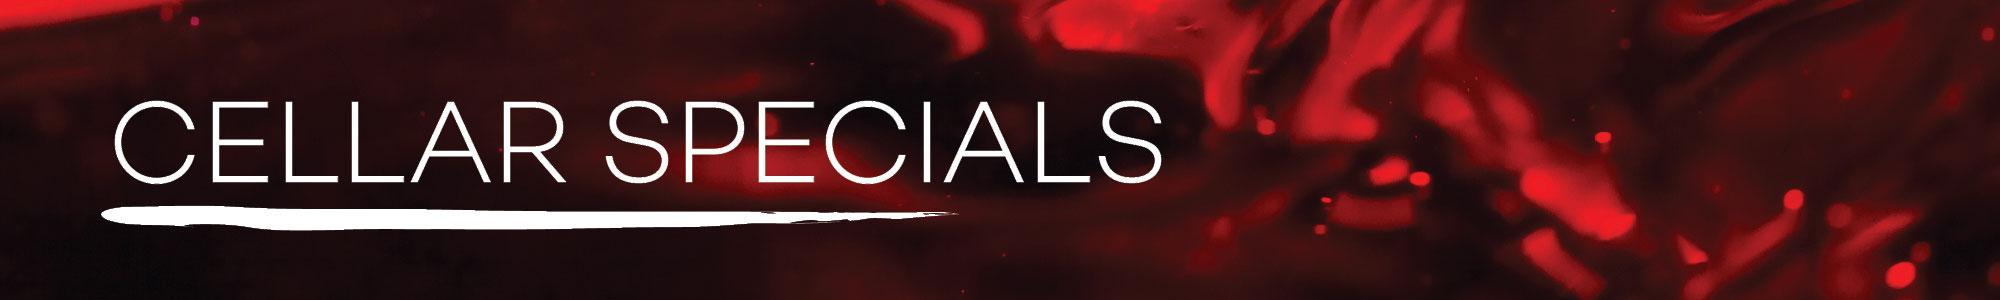 Cellar Specials